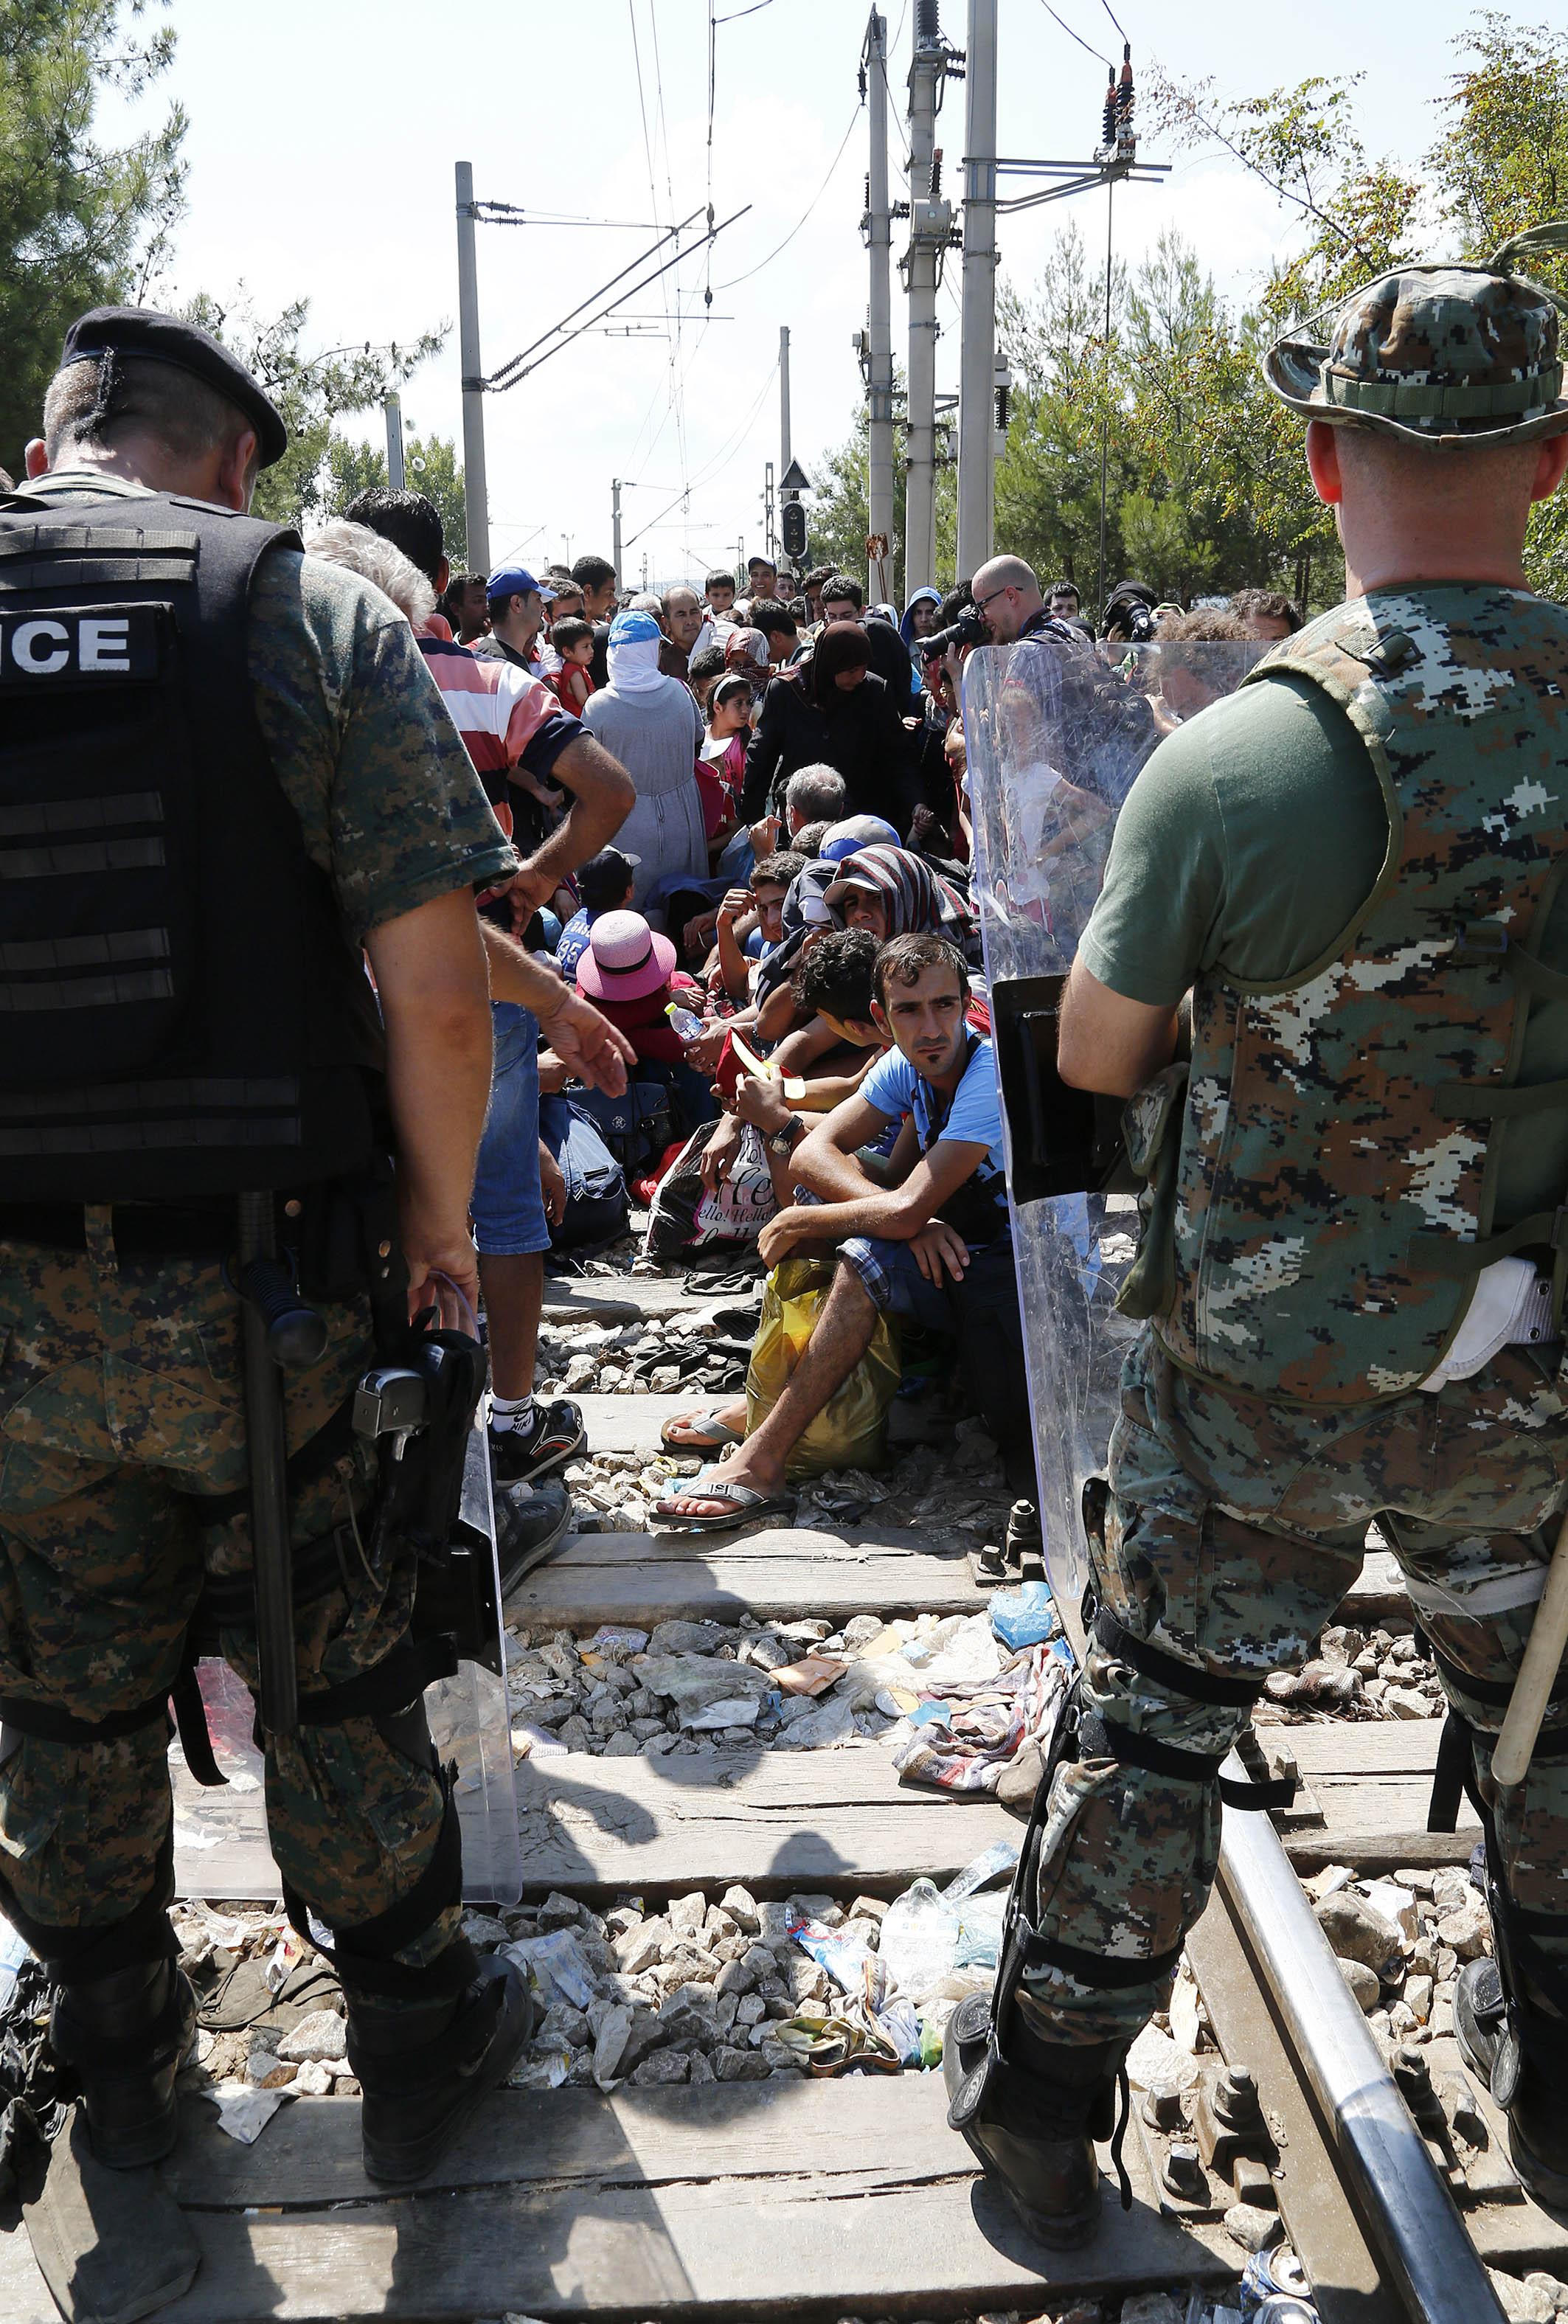 Arbeitsbesuch von Bundesminister Sebastian Kurz in Mazedonien. Besuch der FlŸchtlingsstršme am GrenzŸbergang Gevgelija. Mazedonien, 24.08.2015, Foto: Dragan Tatic